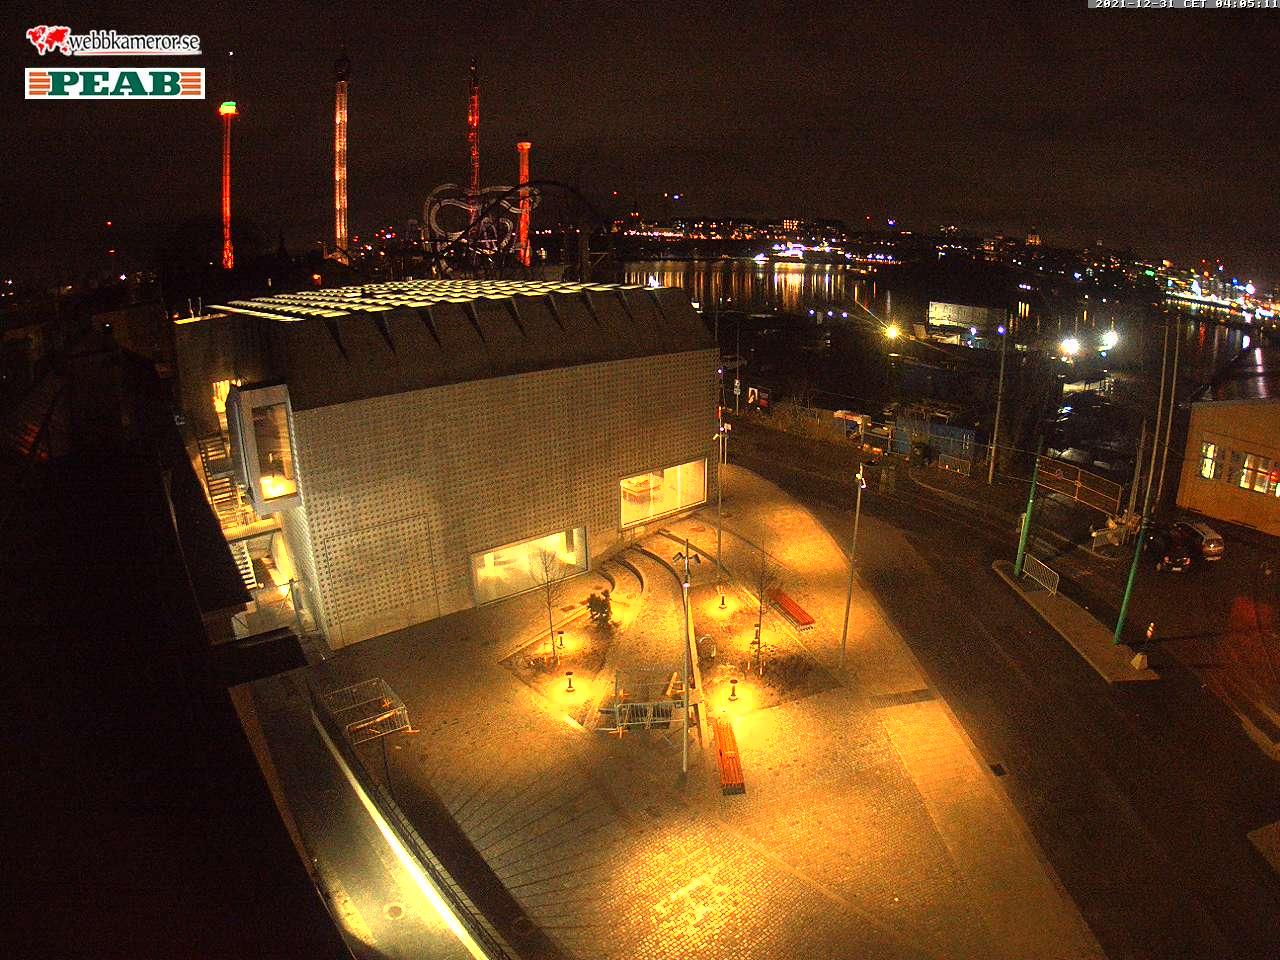 new arrivals 974e1 5ef97 Webbkameror.se – Stockholm, Djurgården, Peab bygger en tillbyggnad på  Liljevalchs konsthall, byggnation, bygge, webbkamera, väder, vädret,  byggkamera